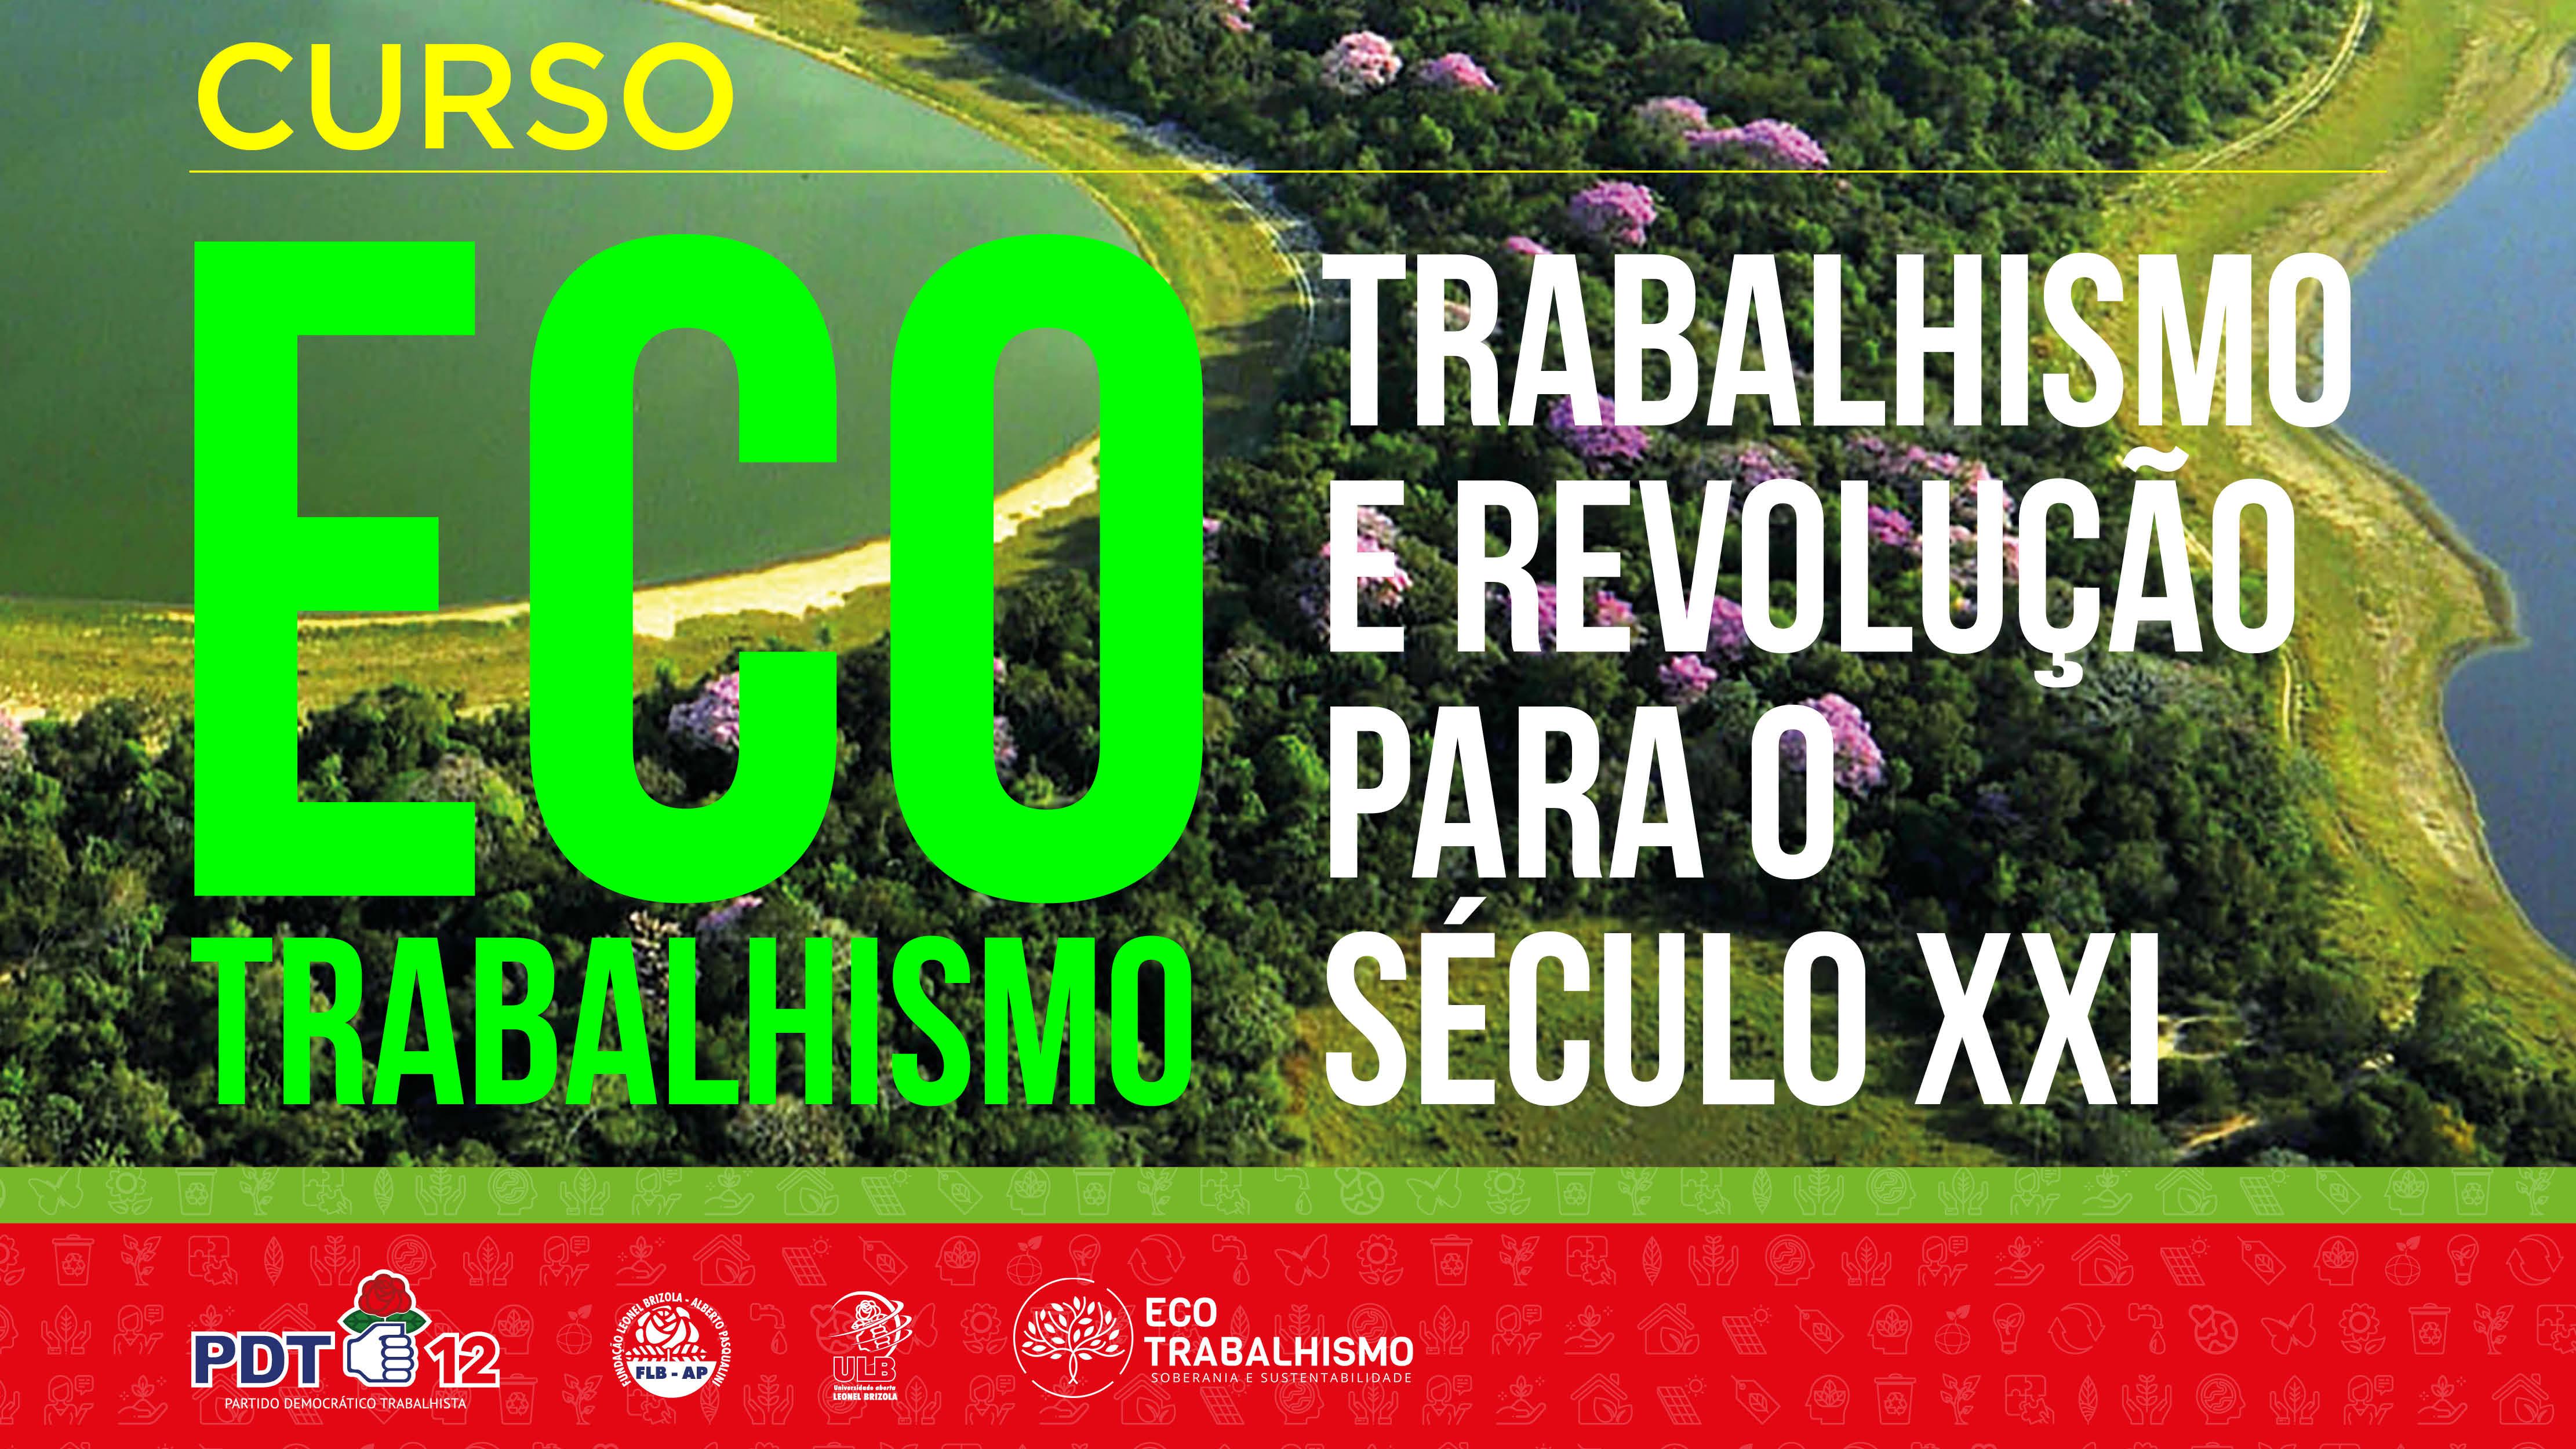 Course Image ECOTRABALHISMO: TRABALHISMO E REVOLUÇÃO PARA O SÉCULO XXI